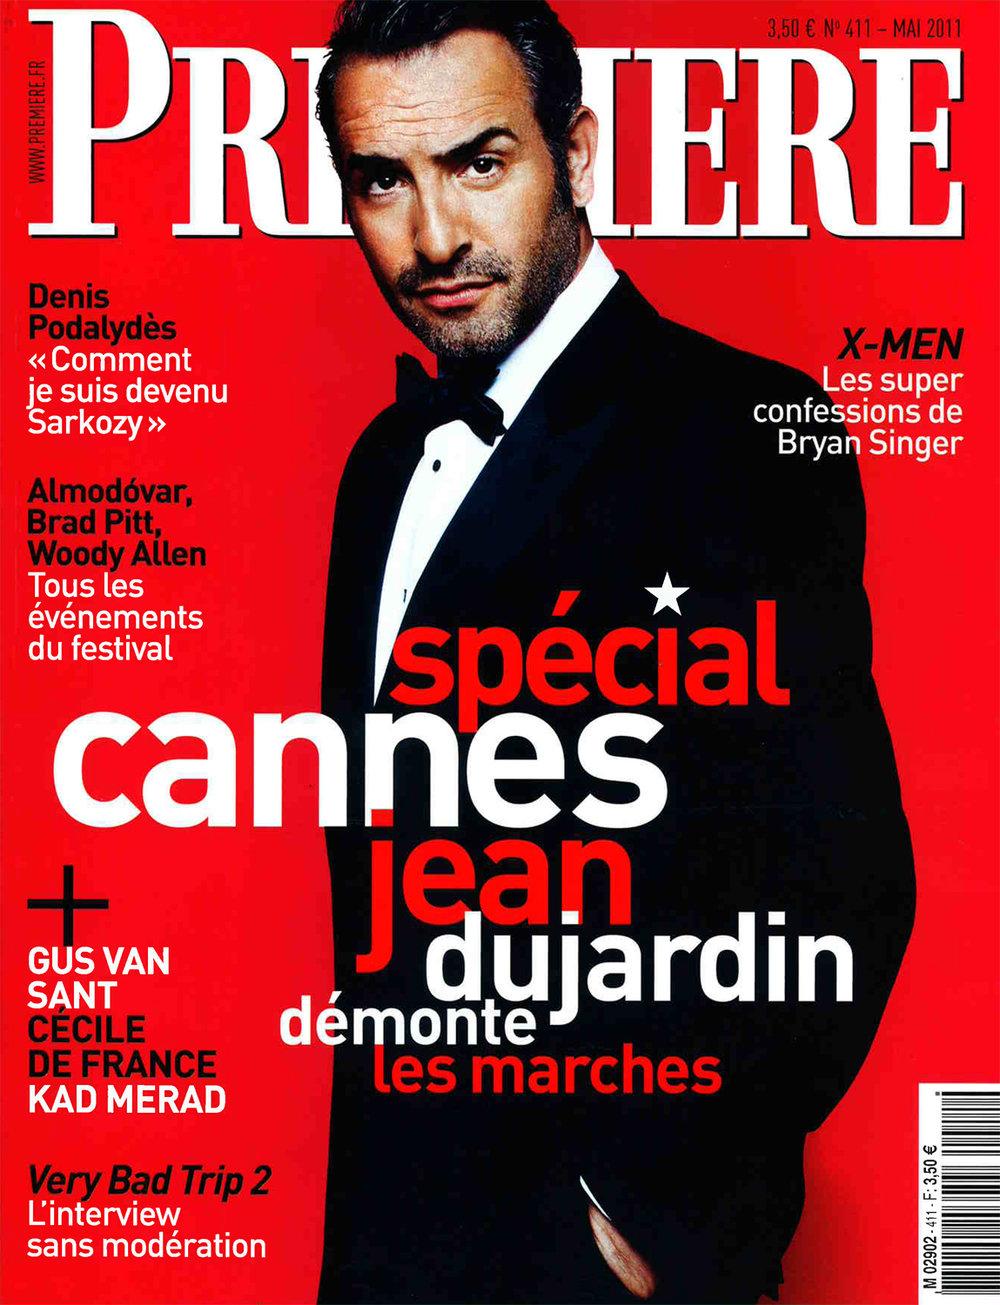 2011 PREMIERE JEAN DUJARDIN MARCEL HARTMANN.jpg